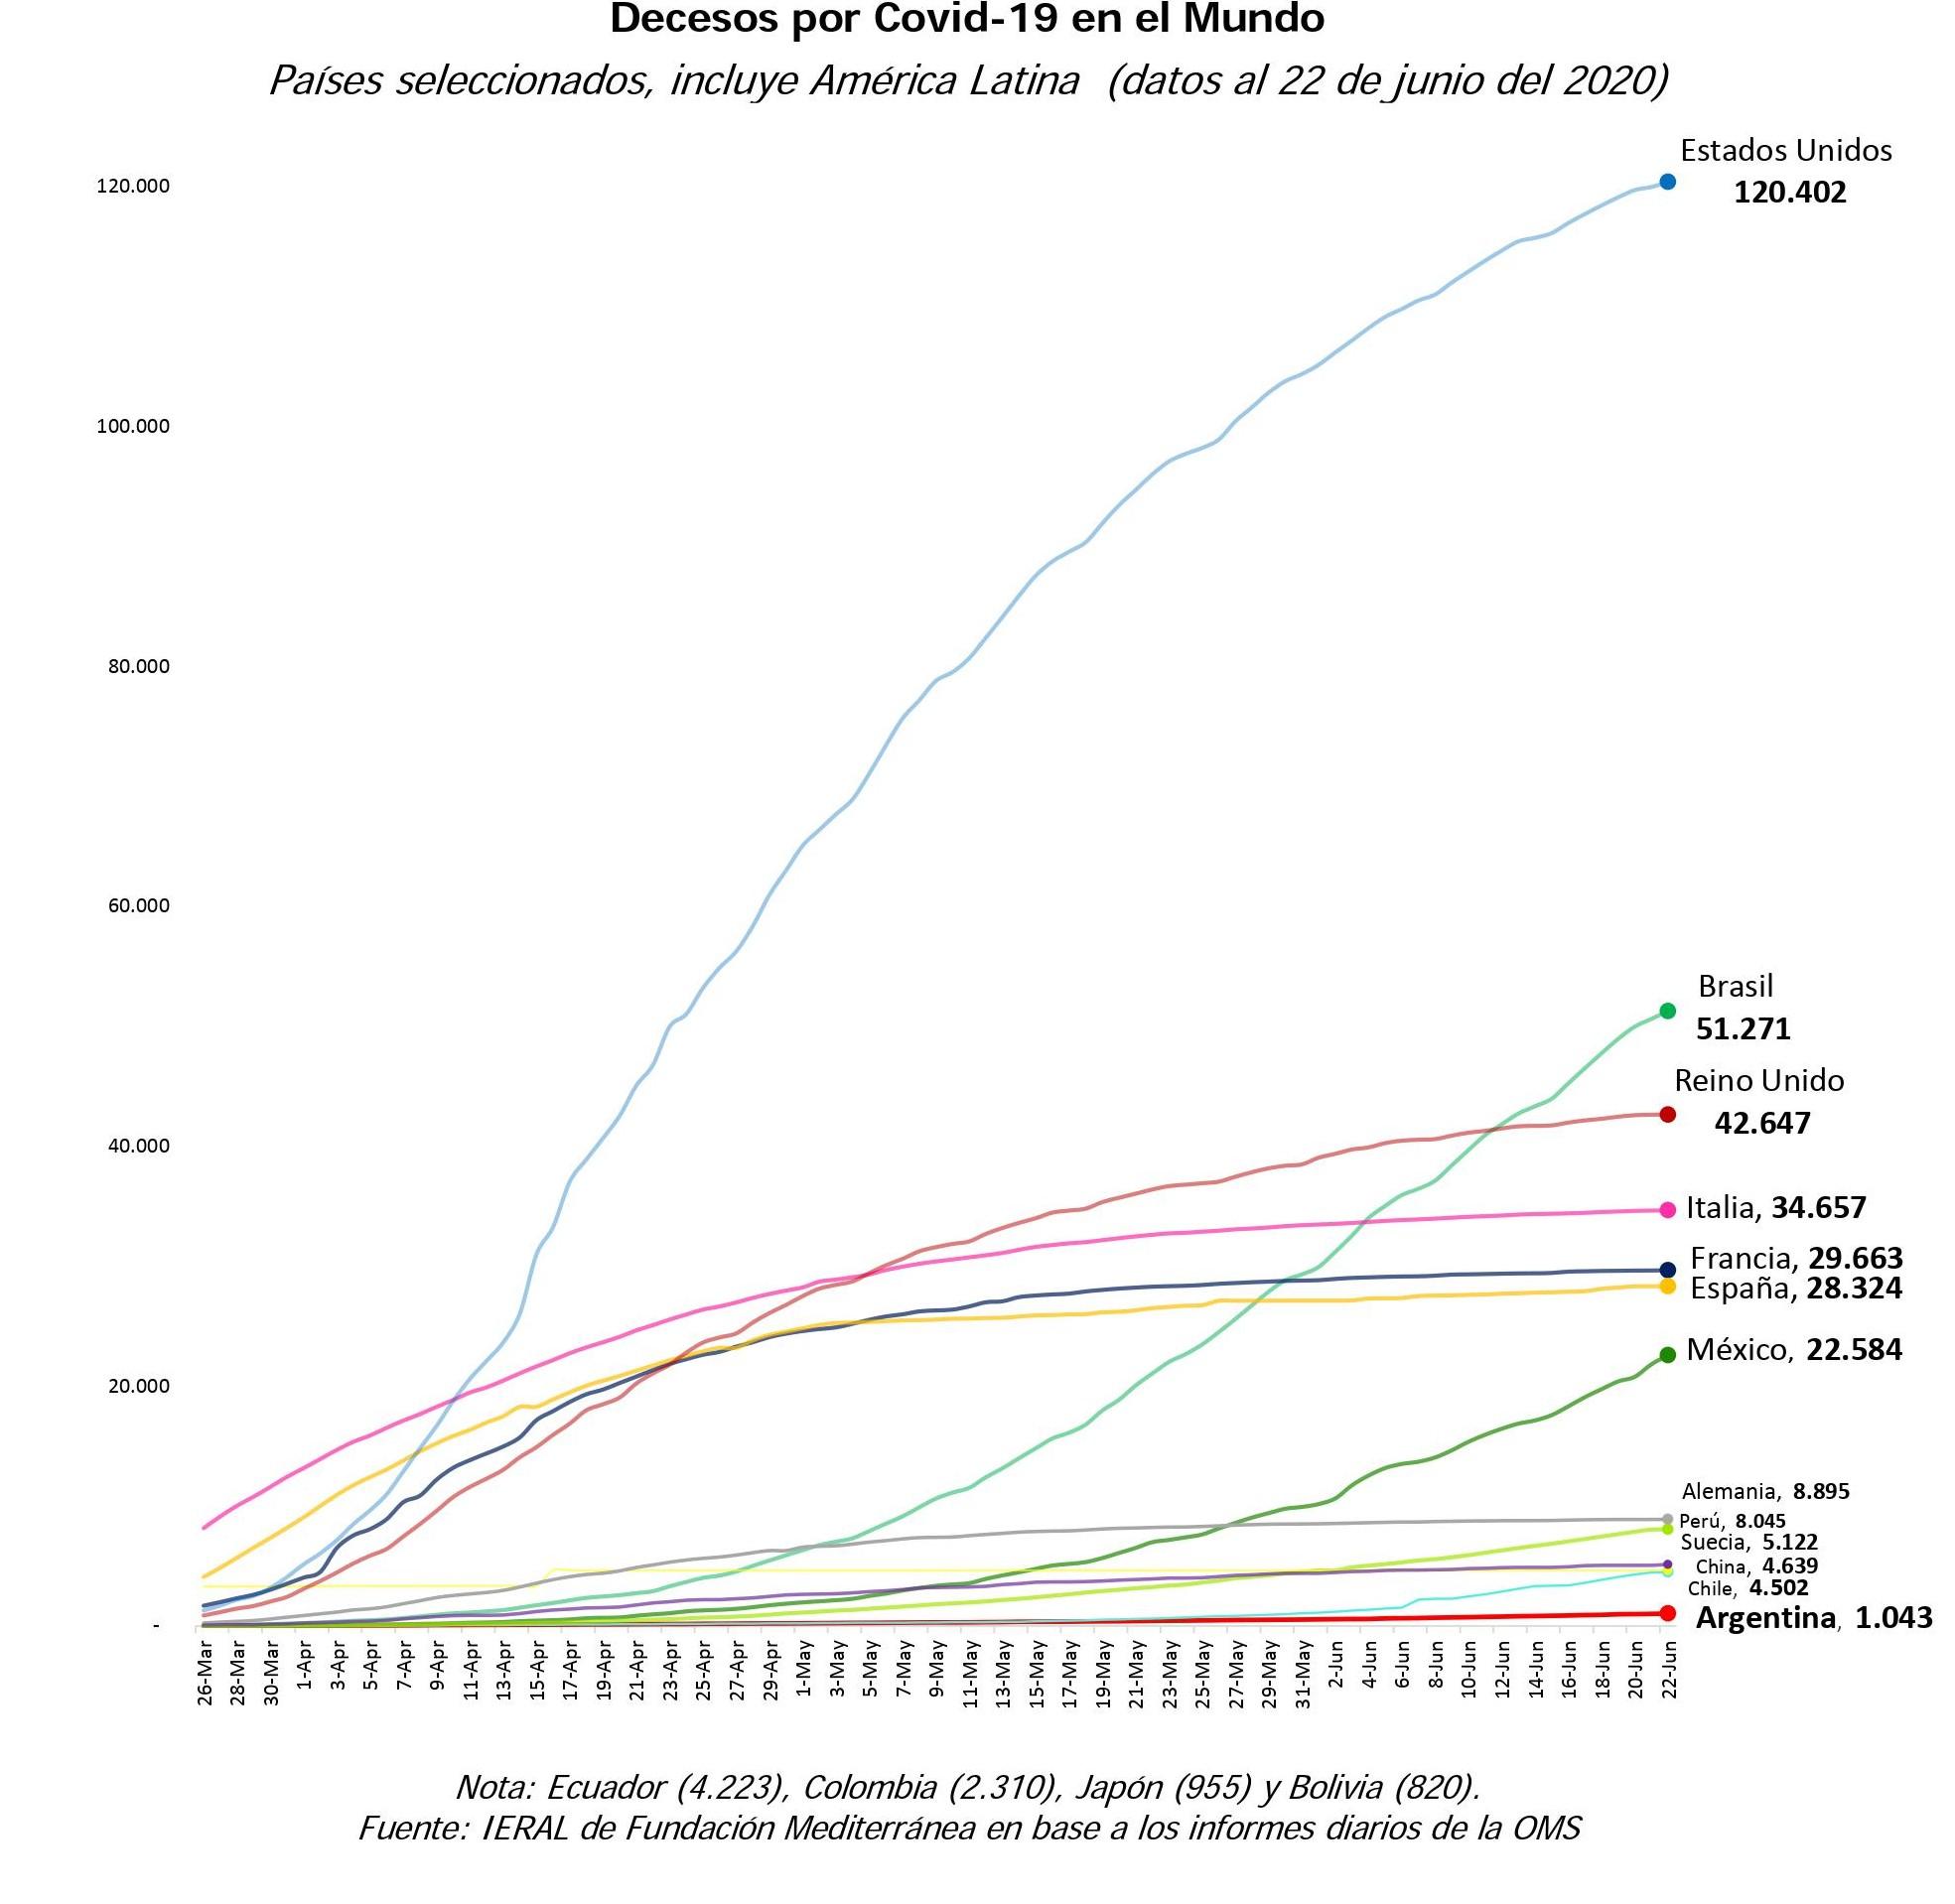 Peste-Según países